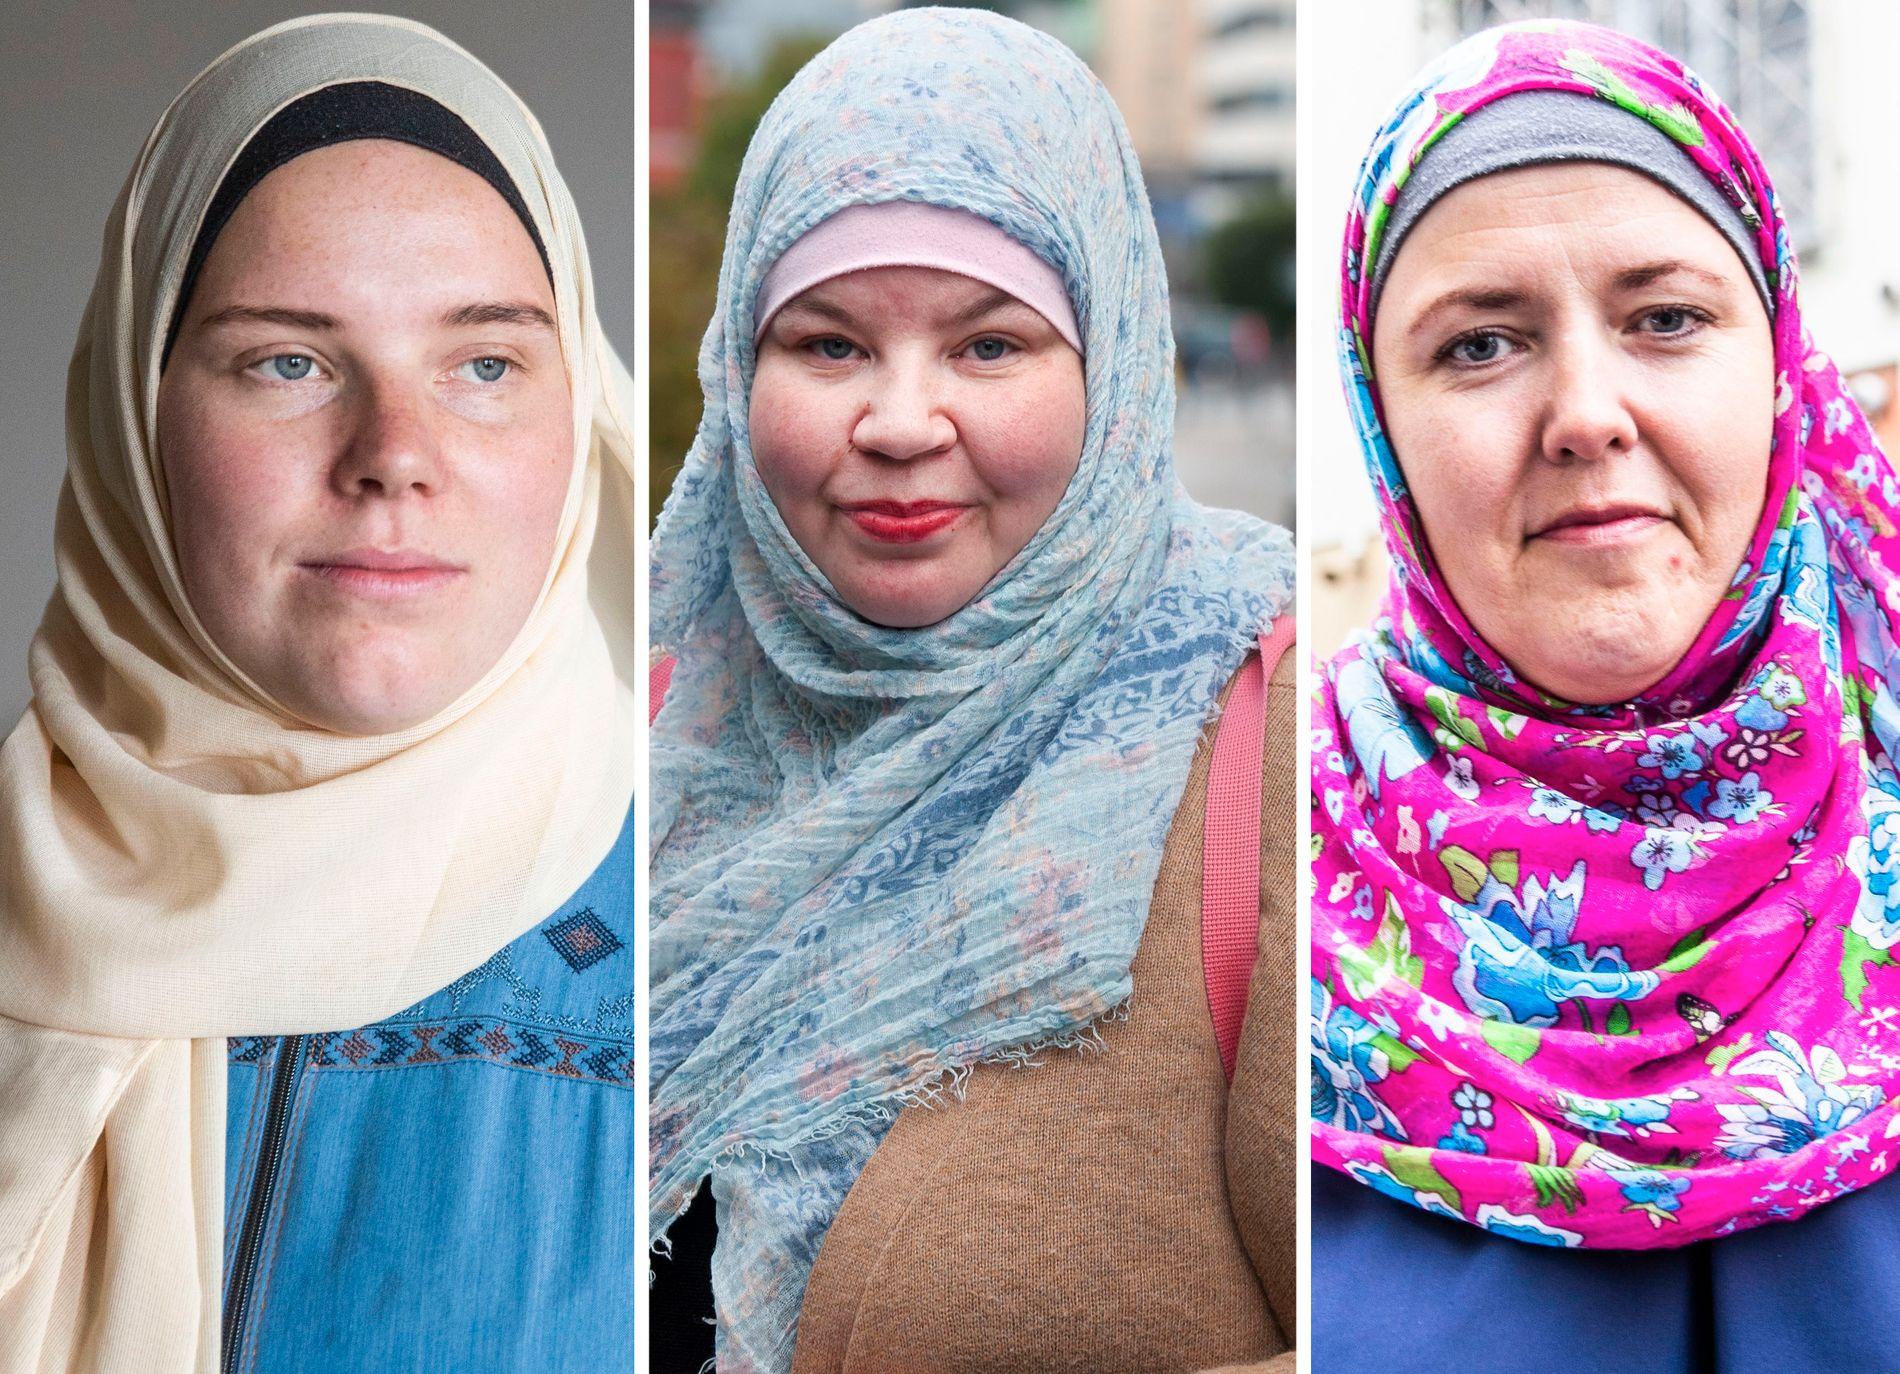 HAR KONVERTERT: Norske Silje-Aaliya Nilsen fra Lier (f.v.), Sølva Nabila Saxelin fra Bergen og Monica Salmouk fra Moss forteller om hvorfor de bestemte seg for å bli muslimer.